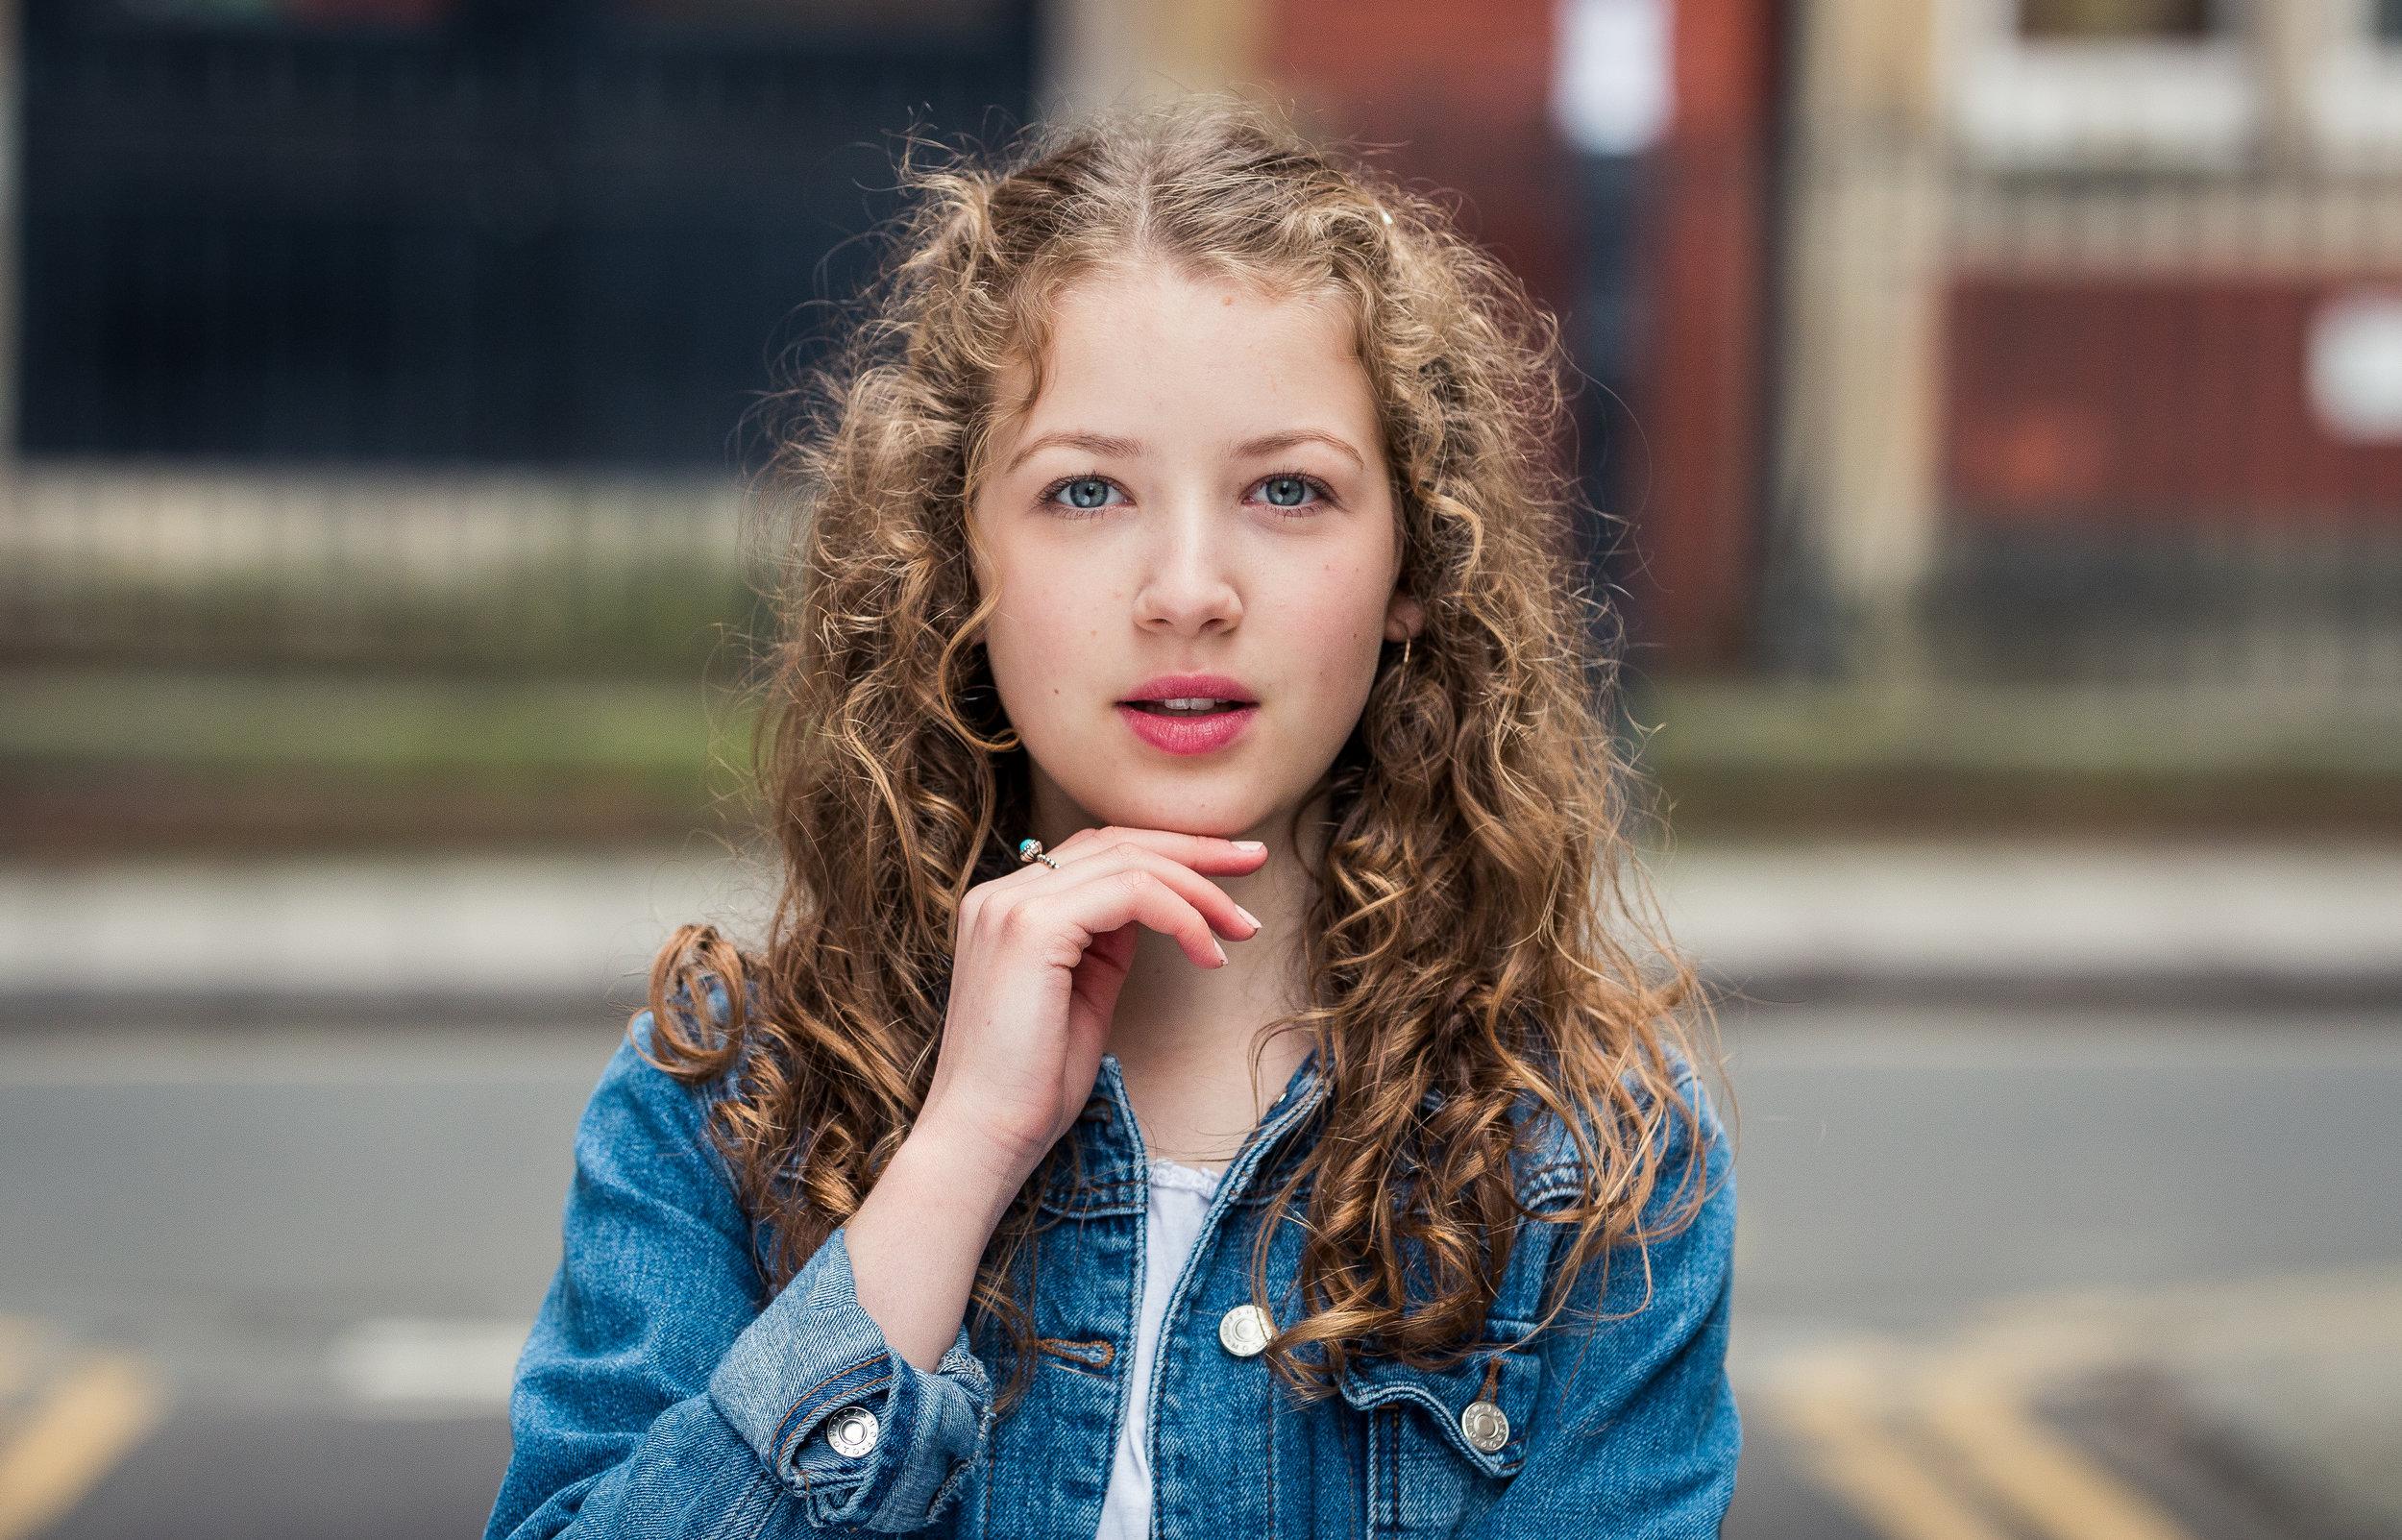 Amelia Battersby